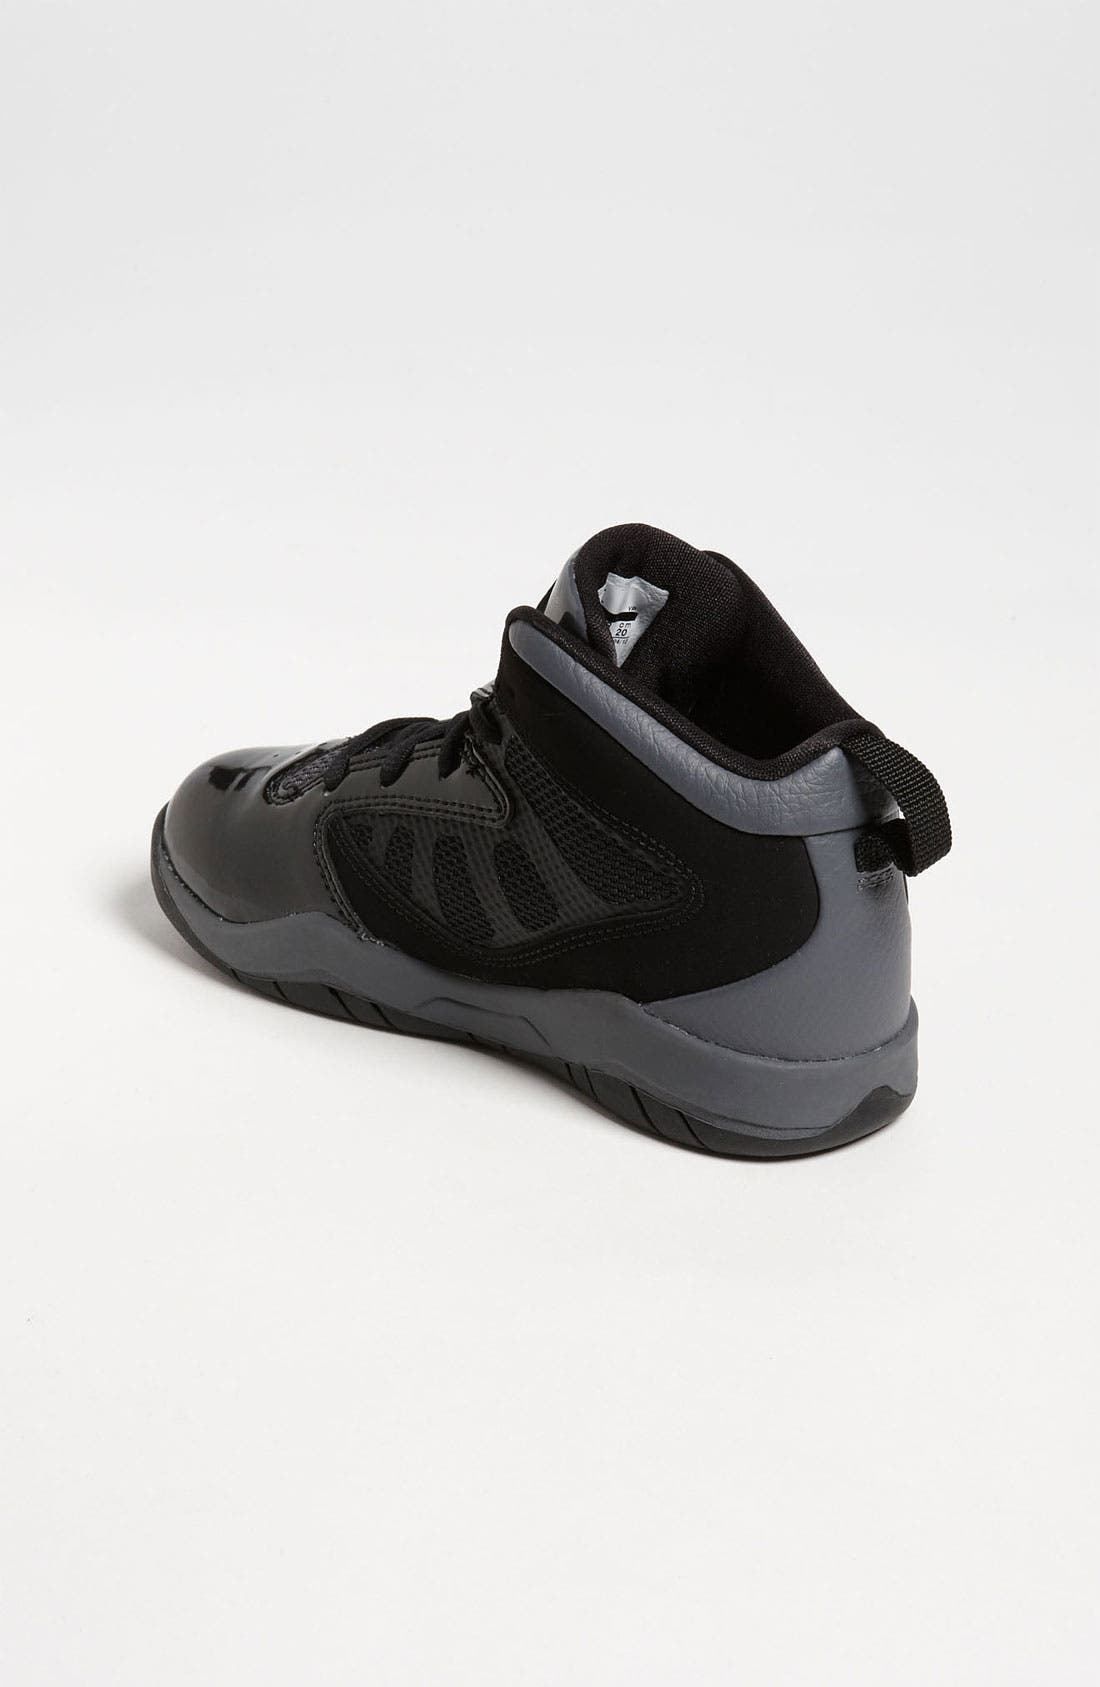 Alternate Image 2  - Nike 'Jordan Flight Team 11' Basketball Shoe (Toddler & Little Kid)